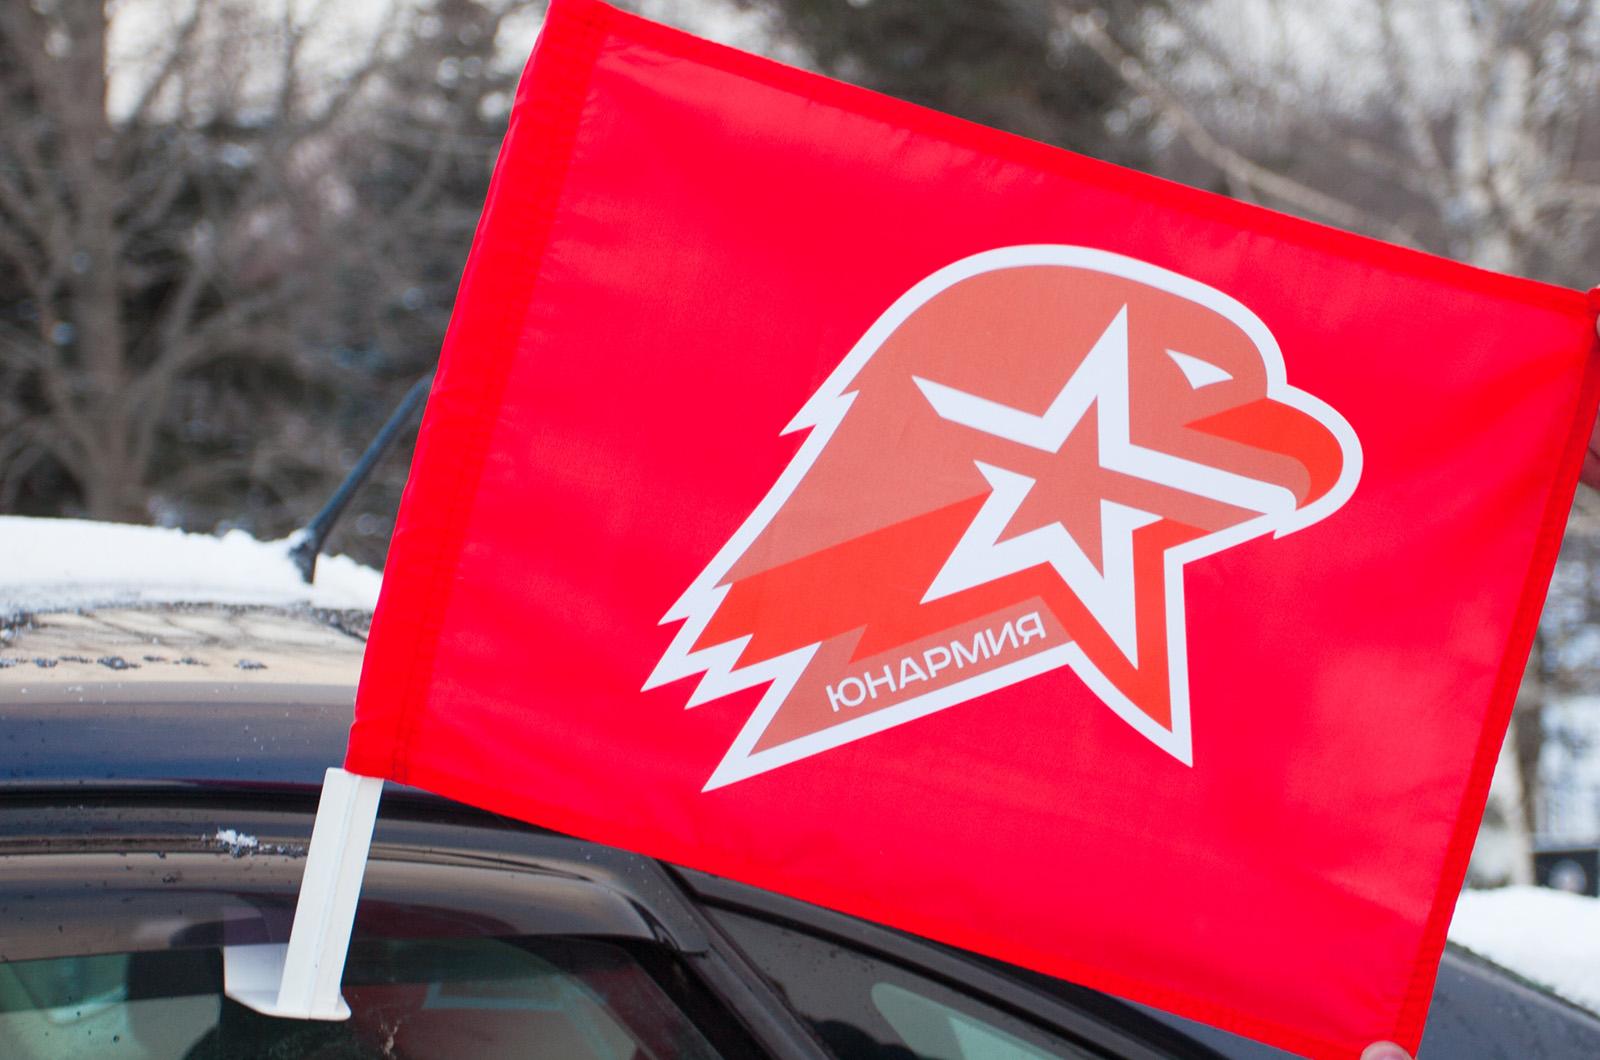 Флаг с эмблемой Юнармии